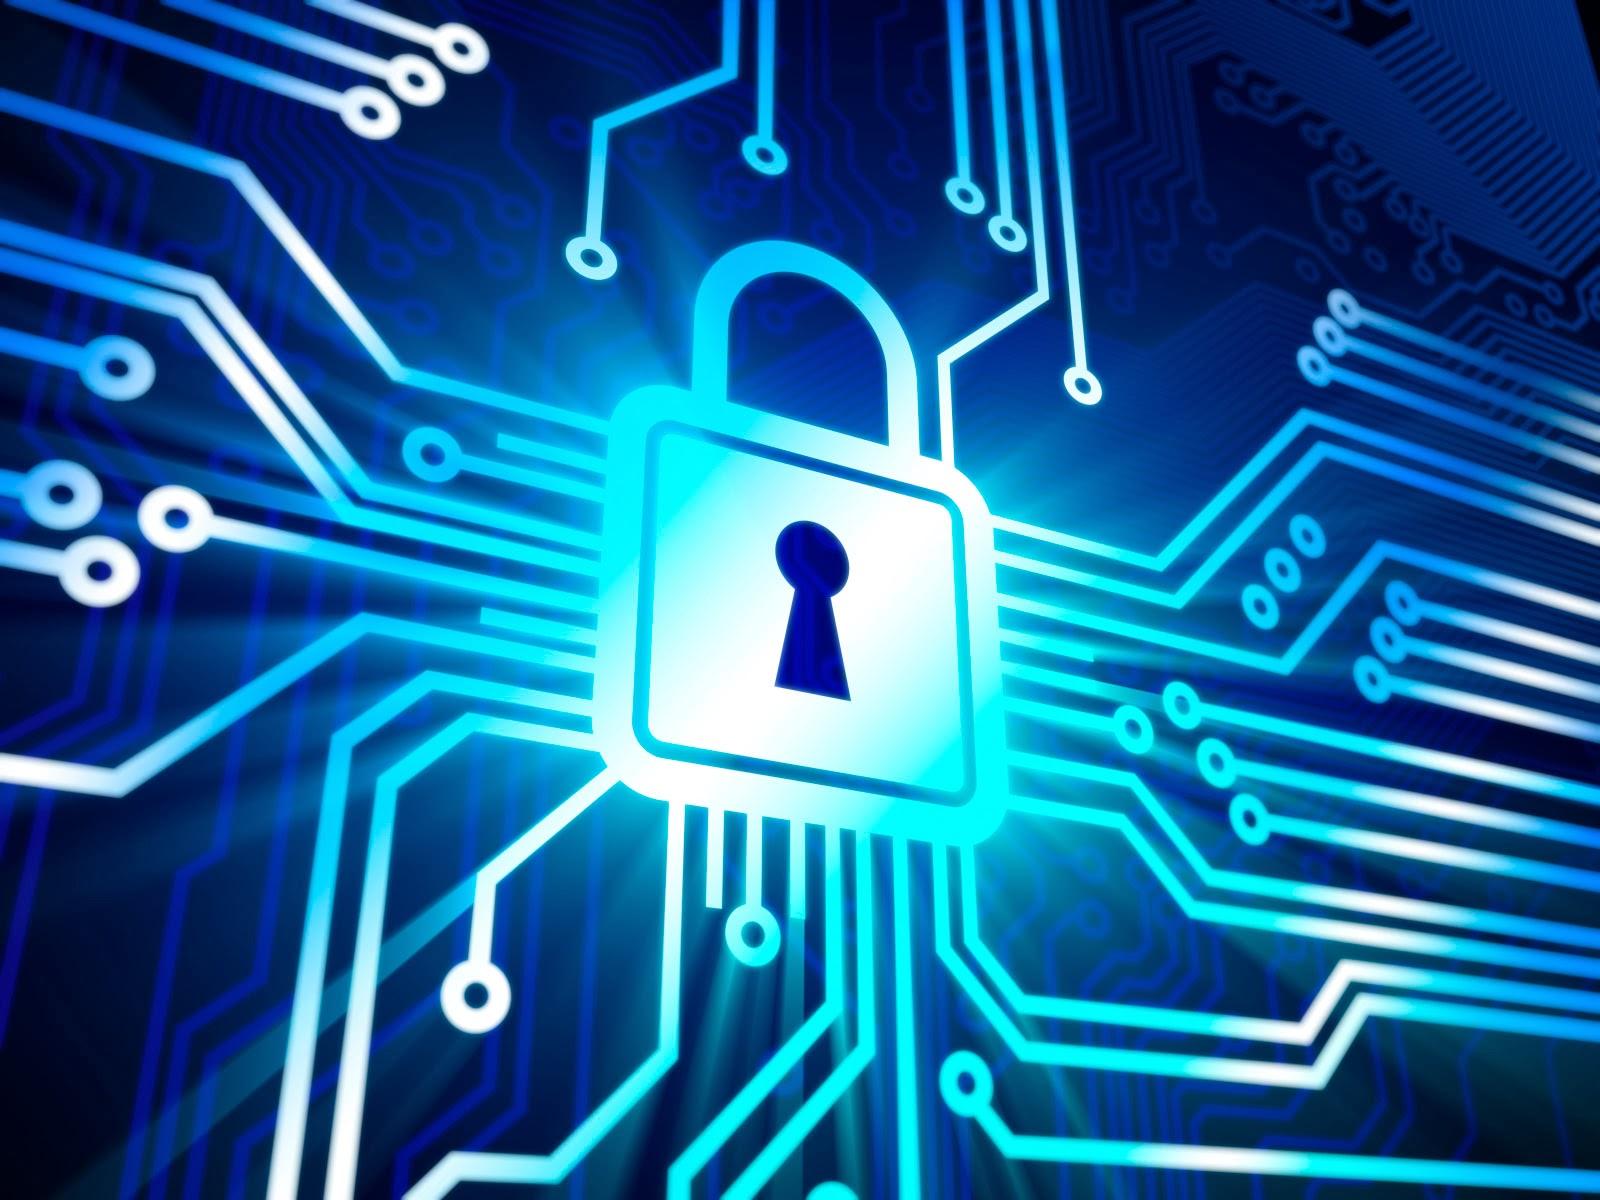 software de seguridad de Internet, software de seguridad gratuito, autenticación, comunicación, datos, data, cifrado, encriptación, seguridad, soluciones, verificación